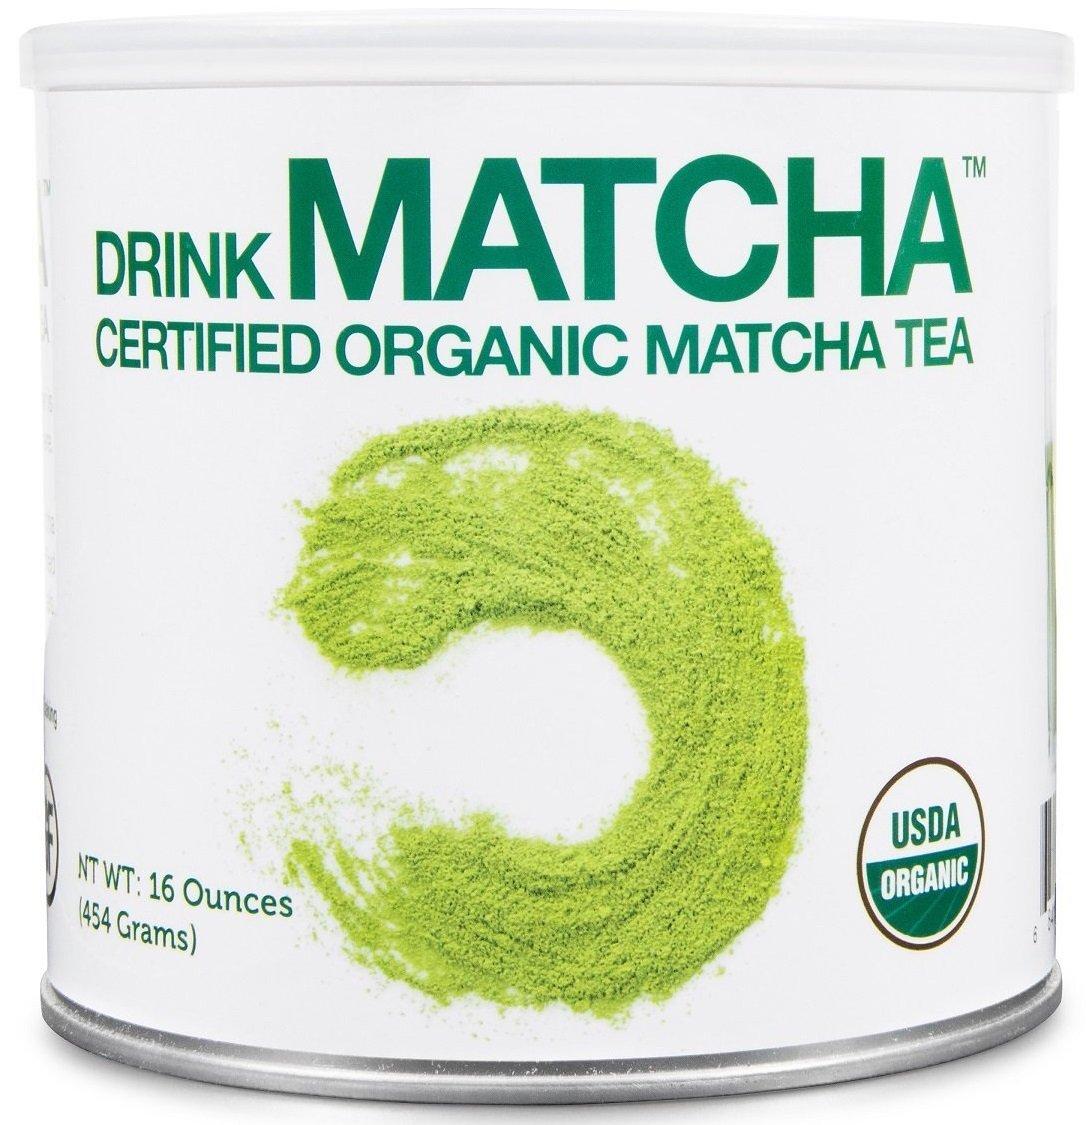 DrinkMatcha - Matcha Green Tea Powder - USDA Organic - 100% Pure Matcha Green tea Powder - Nothing added (1 Ounce tin)